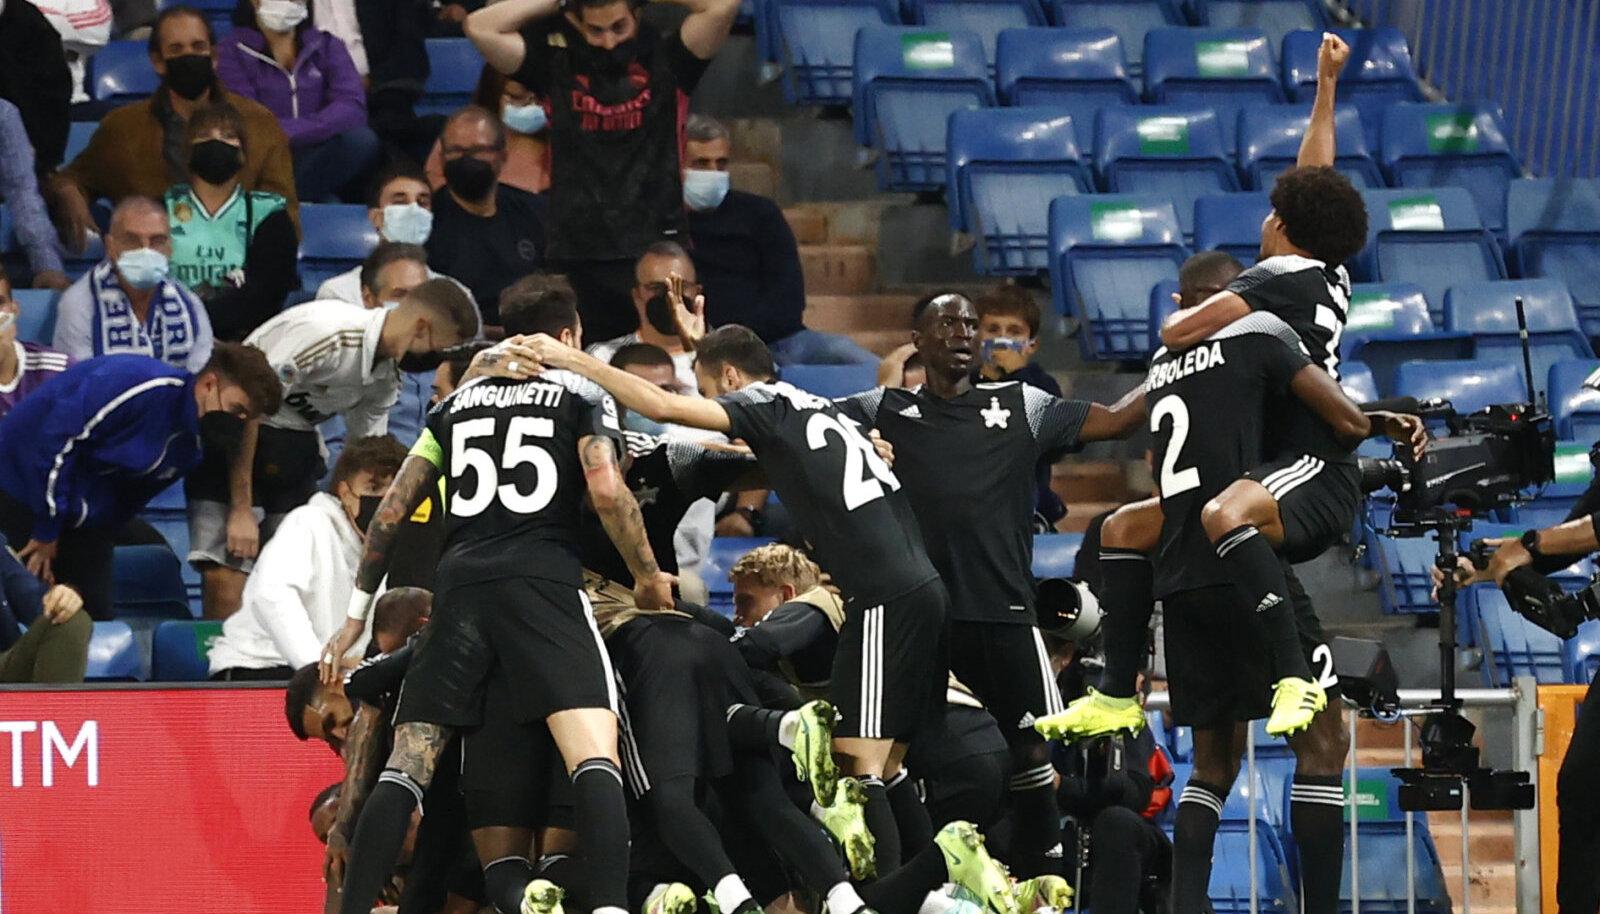 Tiraspoli Šeriffi mängijad tähistamas võitu Madridi Reali üle.